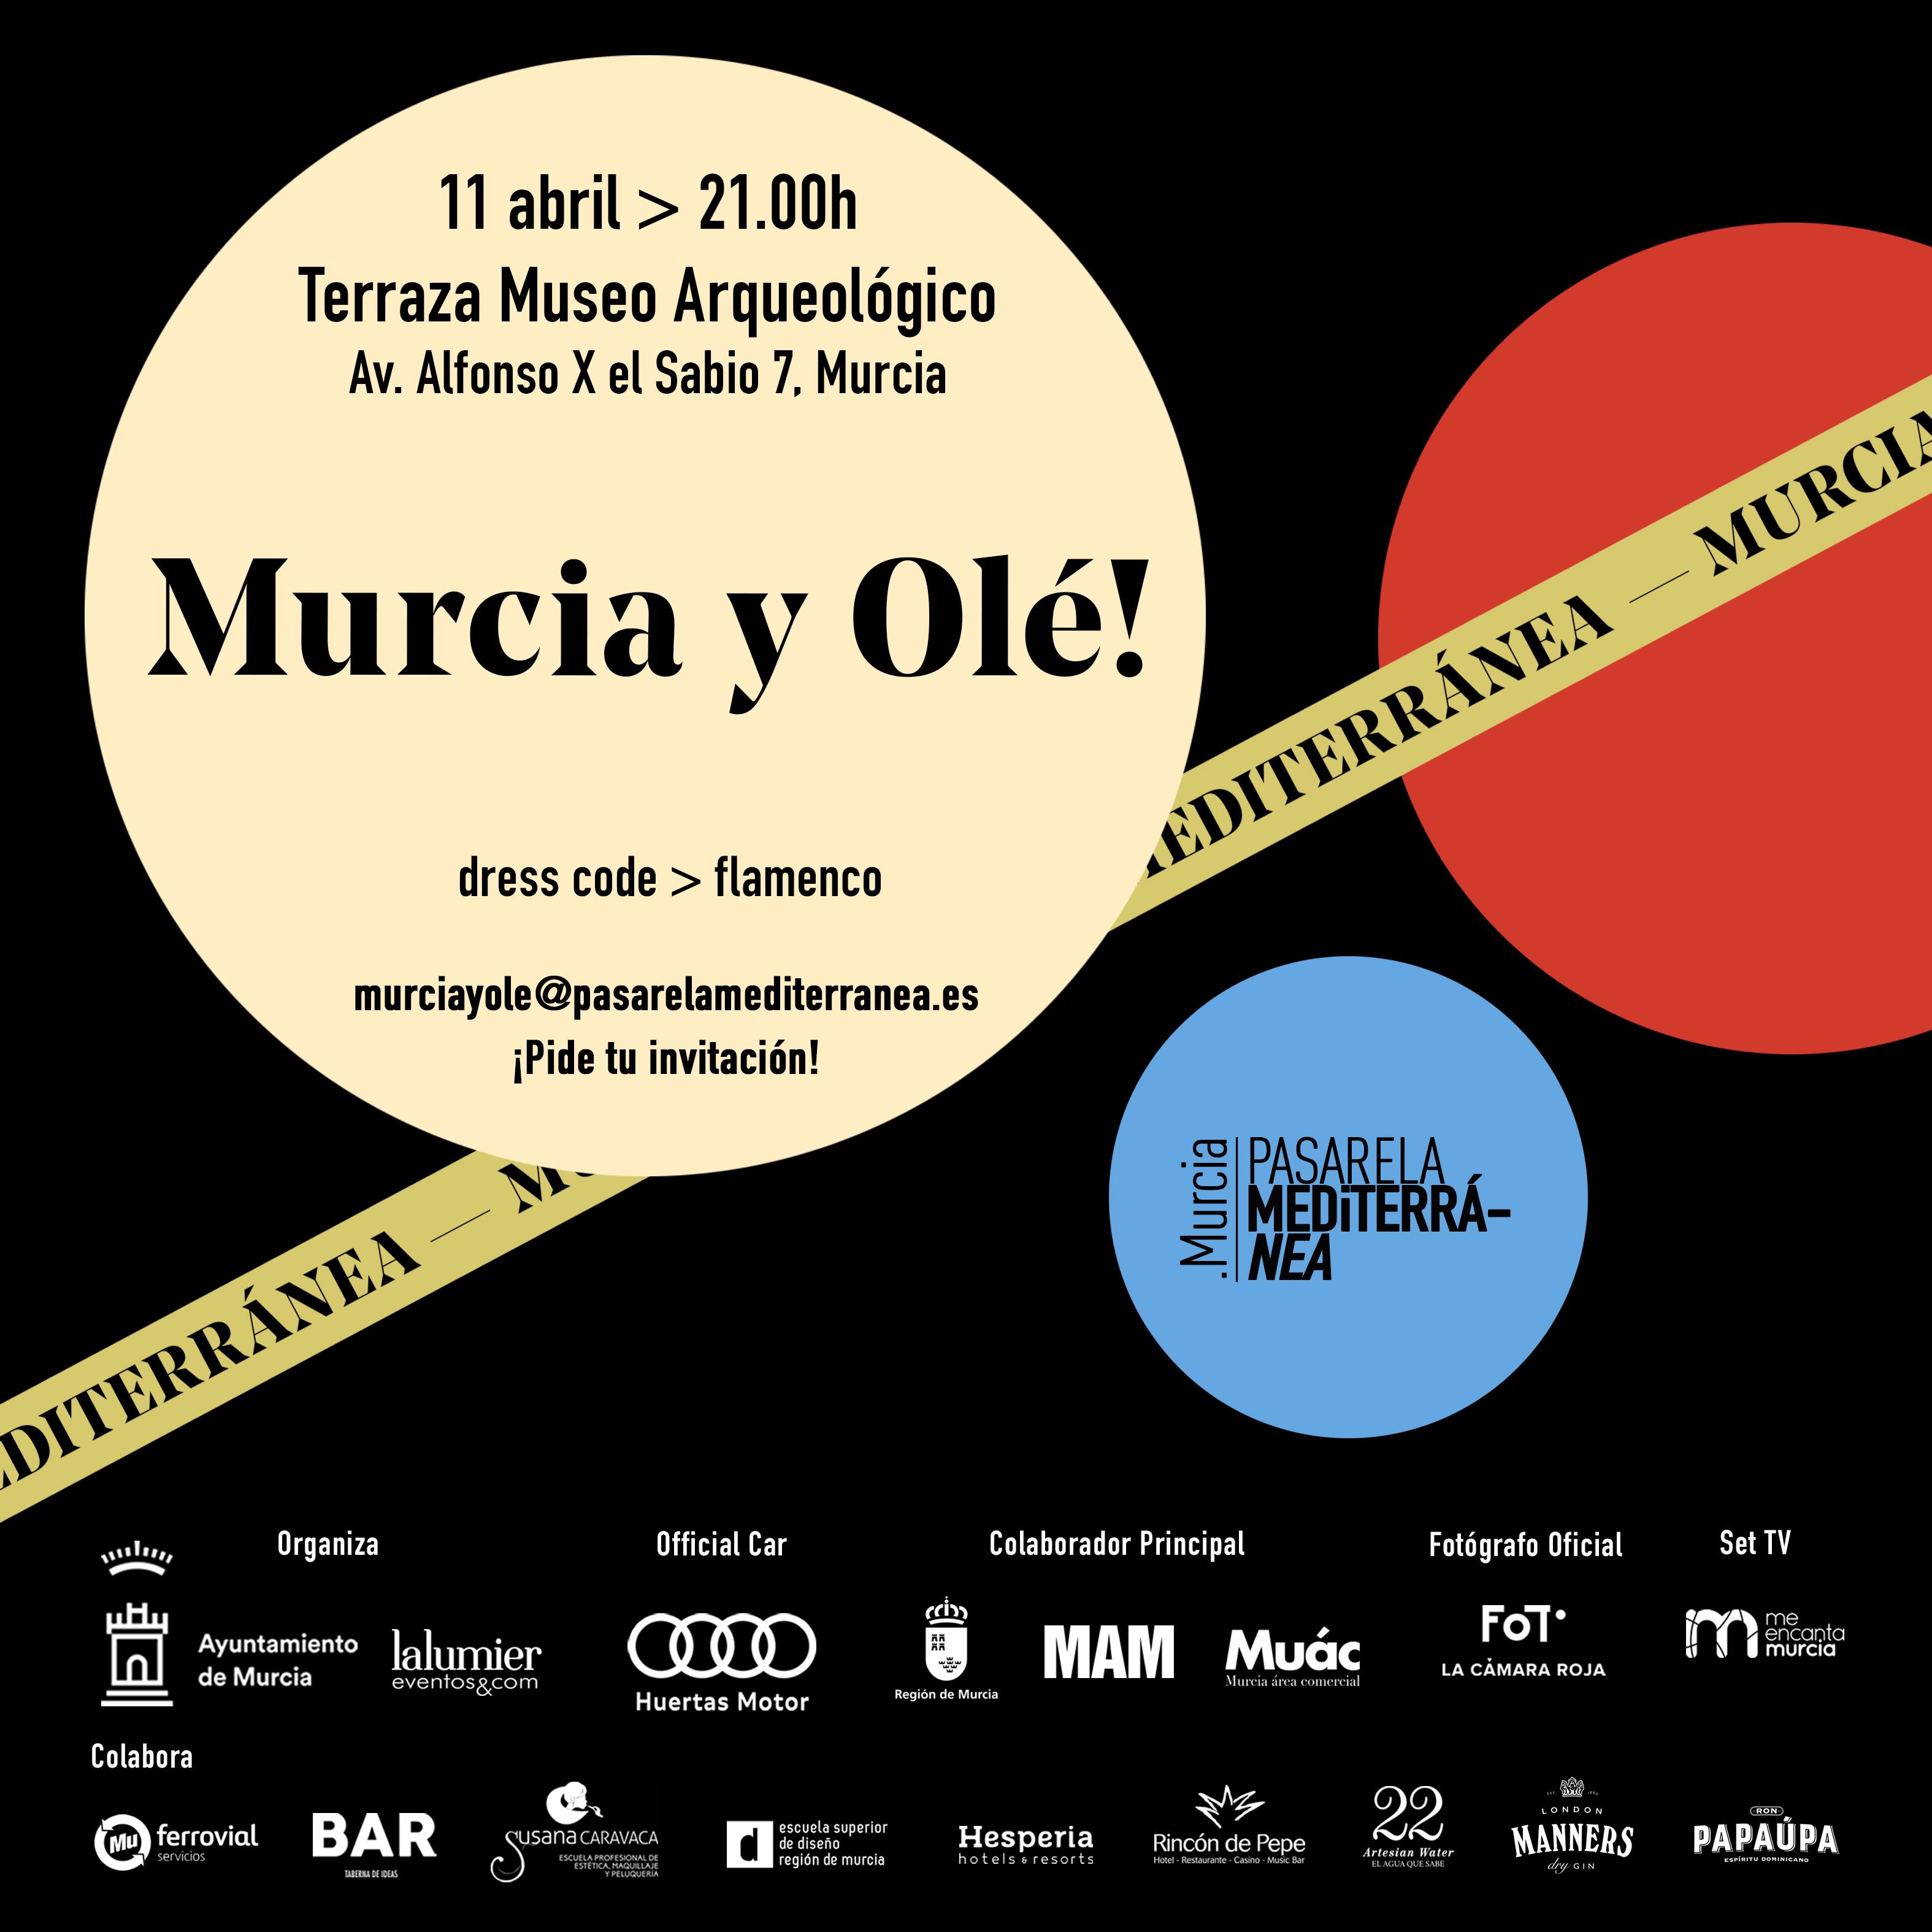 Jugos Ecológicos de Murcia en la pasarela Mediterránea